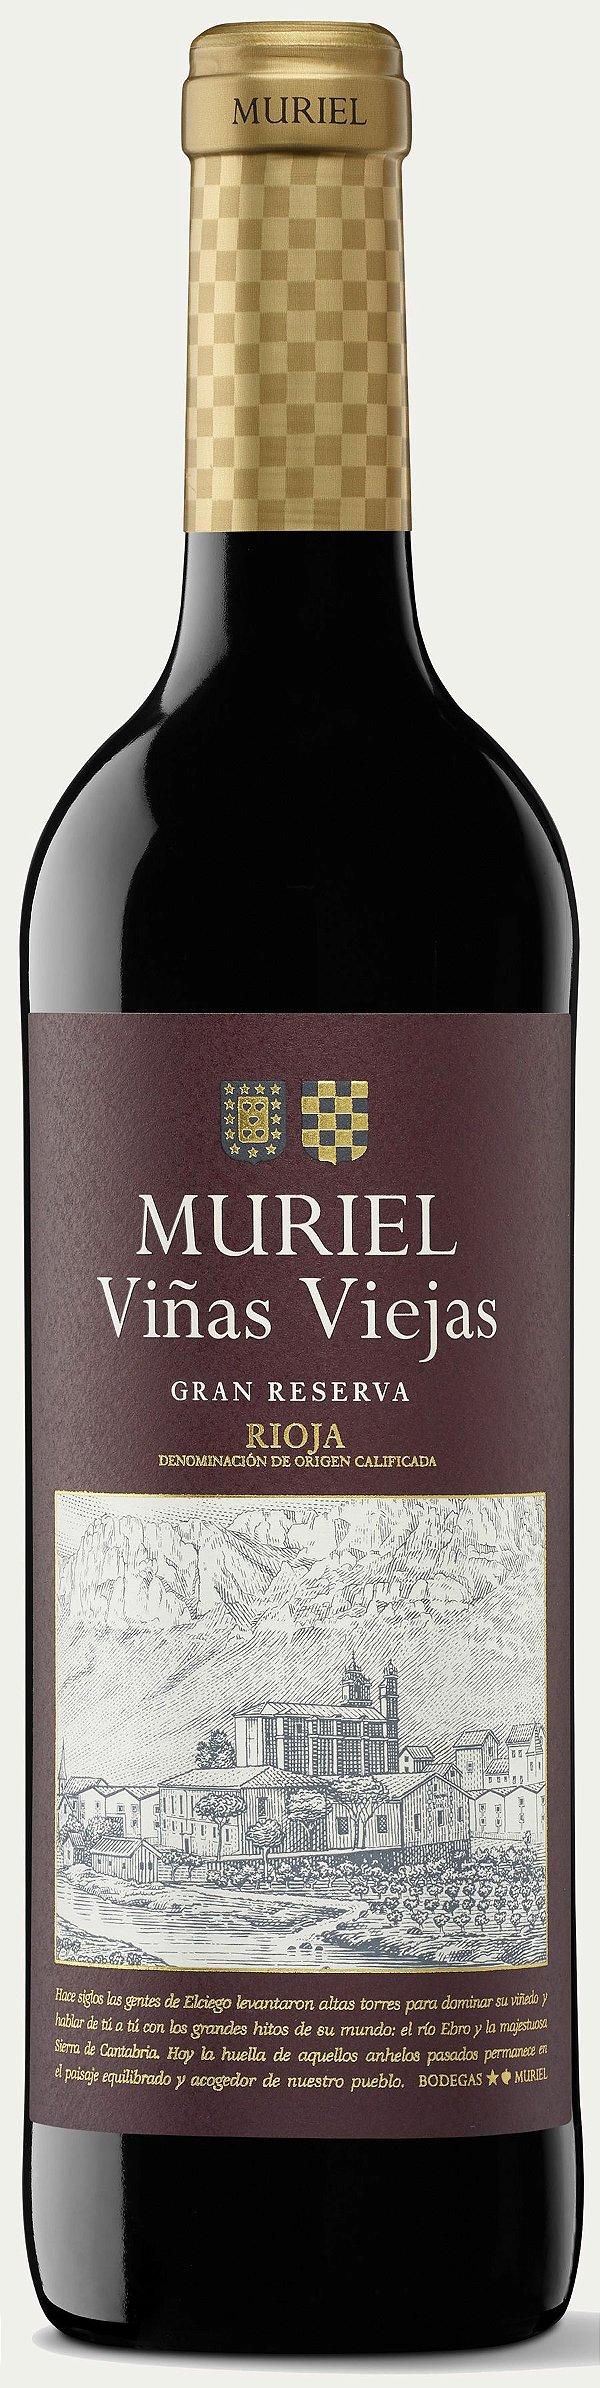 MURIEL FINCAS DE LA VILLA GRAN RESERVA VINHO ESPANHOL TINTO 750ML